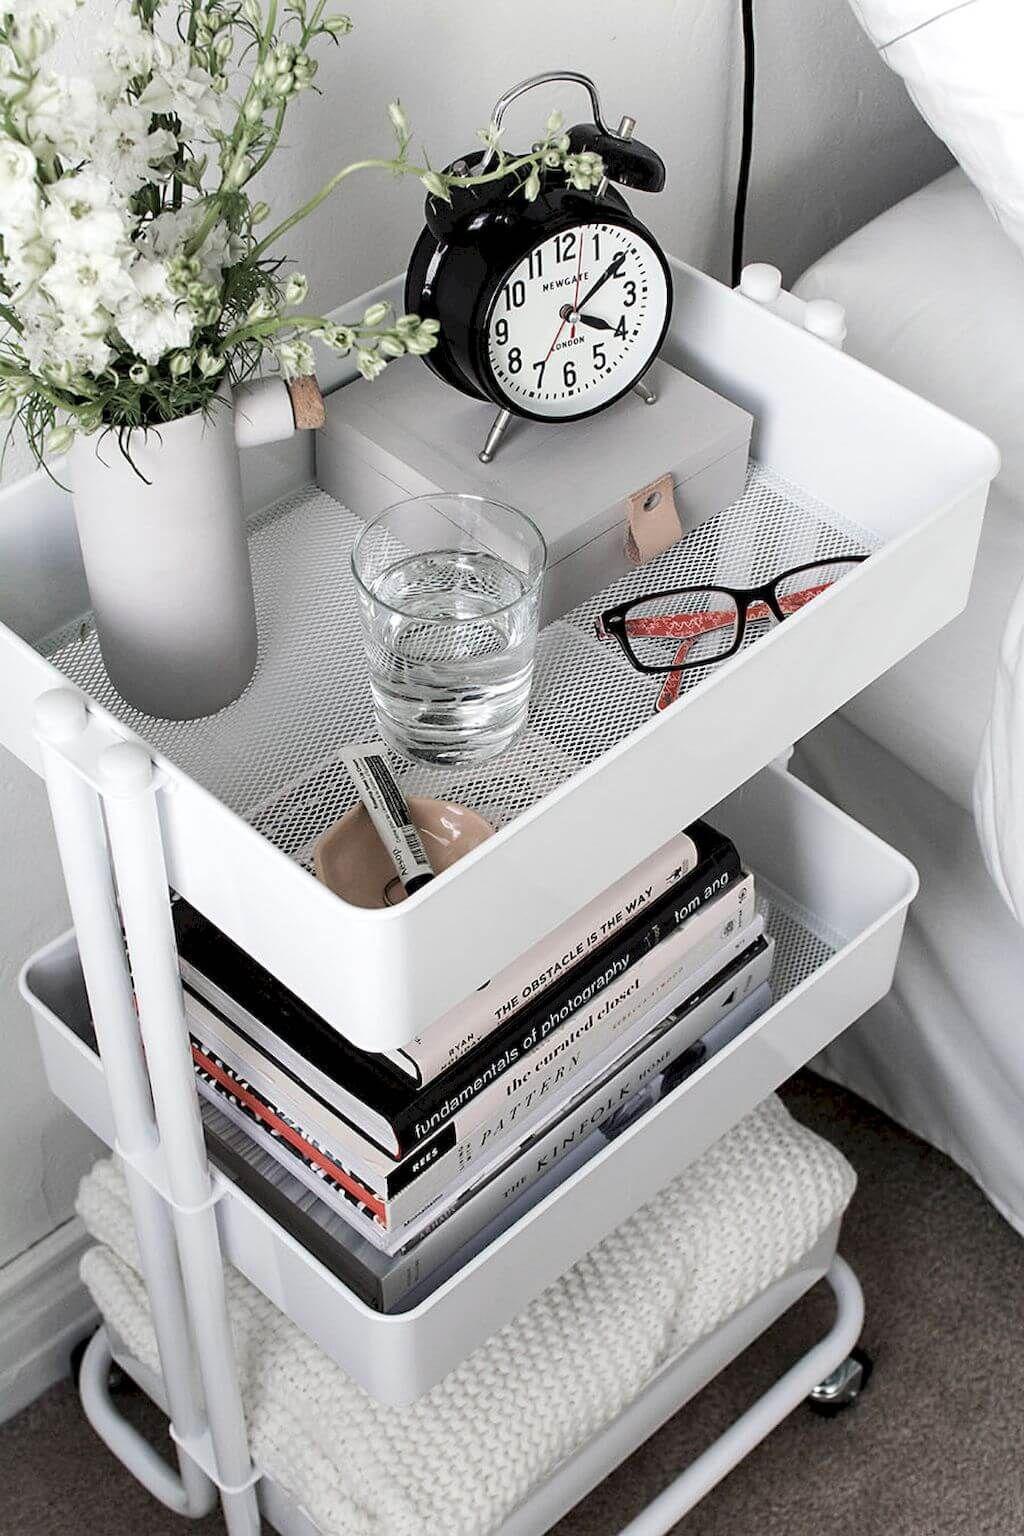 29 Inspirierende Nachttisch Ideen zu einem neuen Look in Ihrem Schlafzimmer #landhausstildekoration